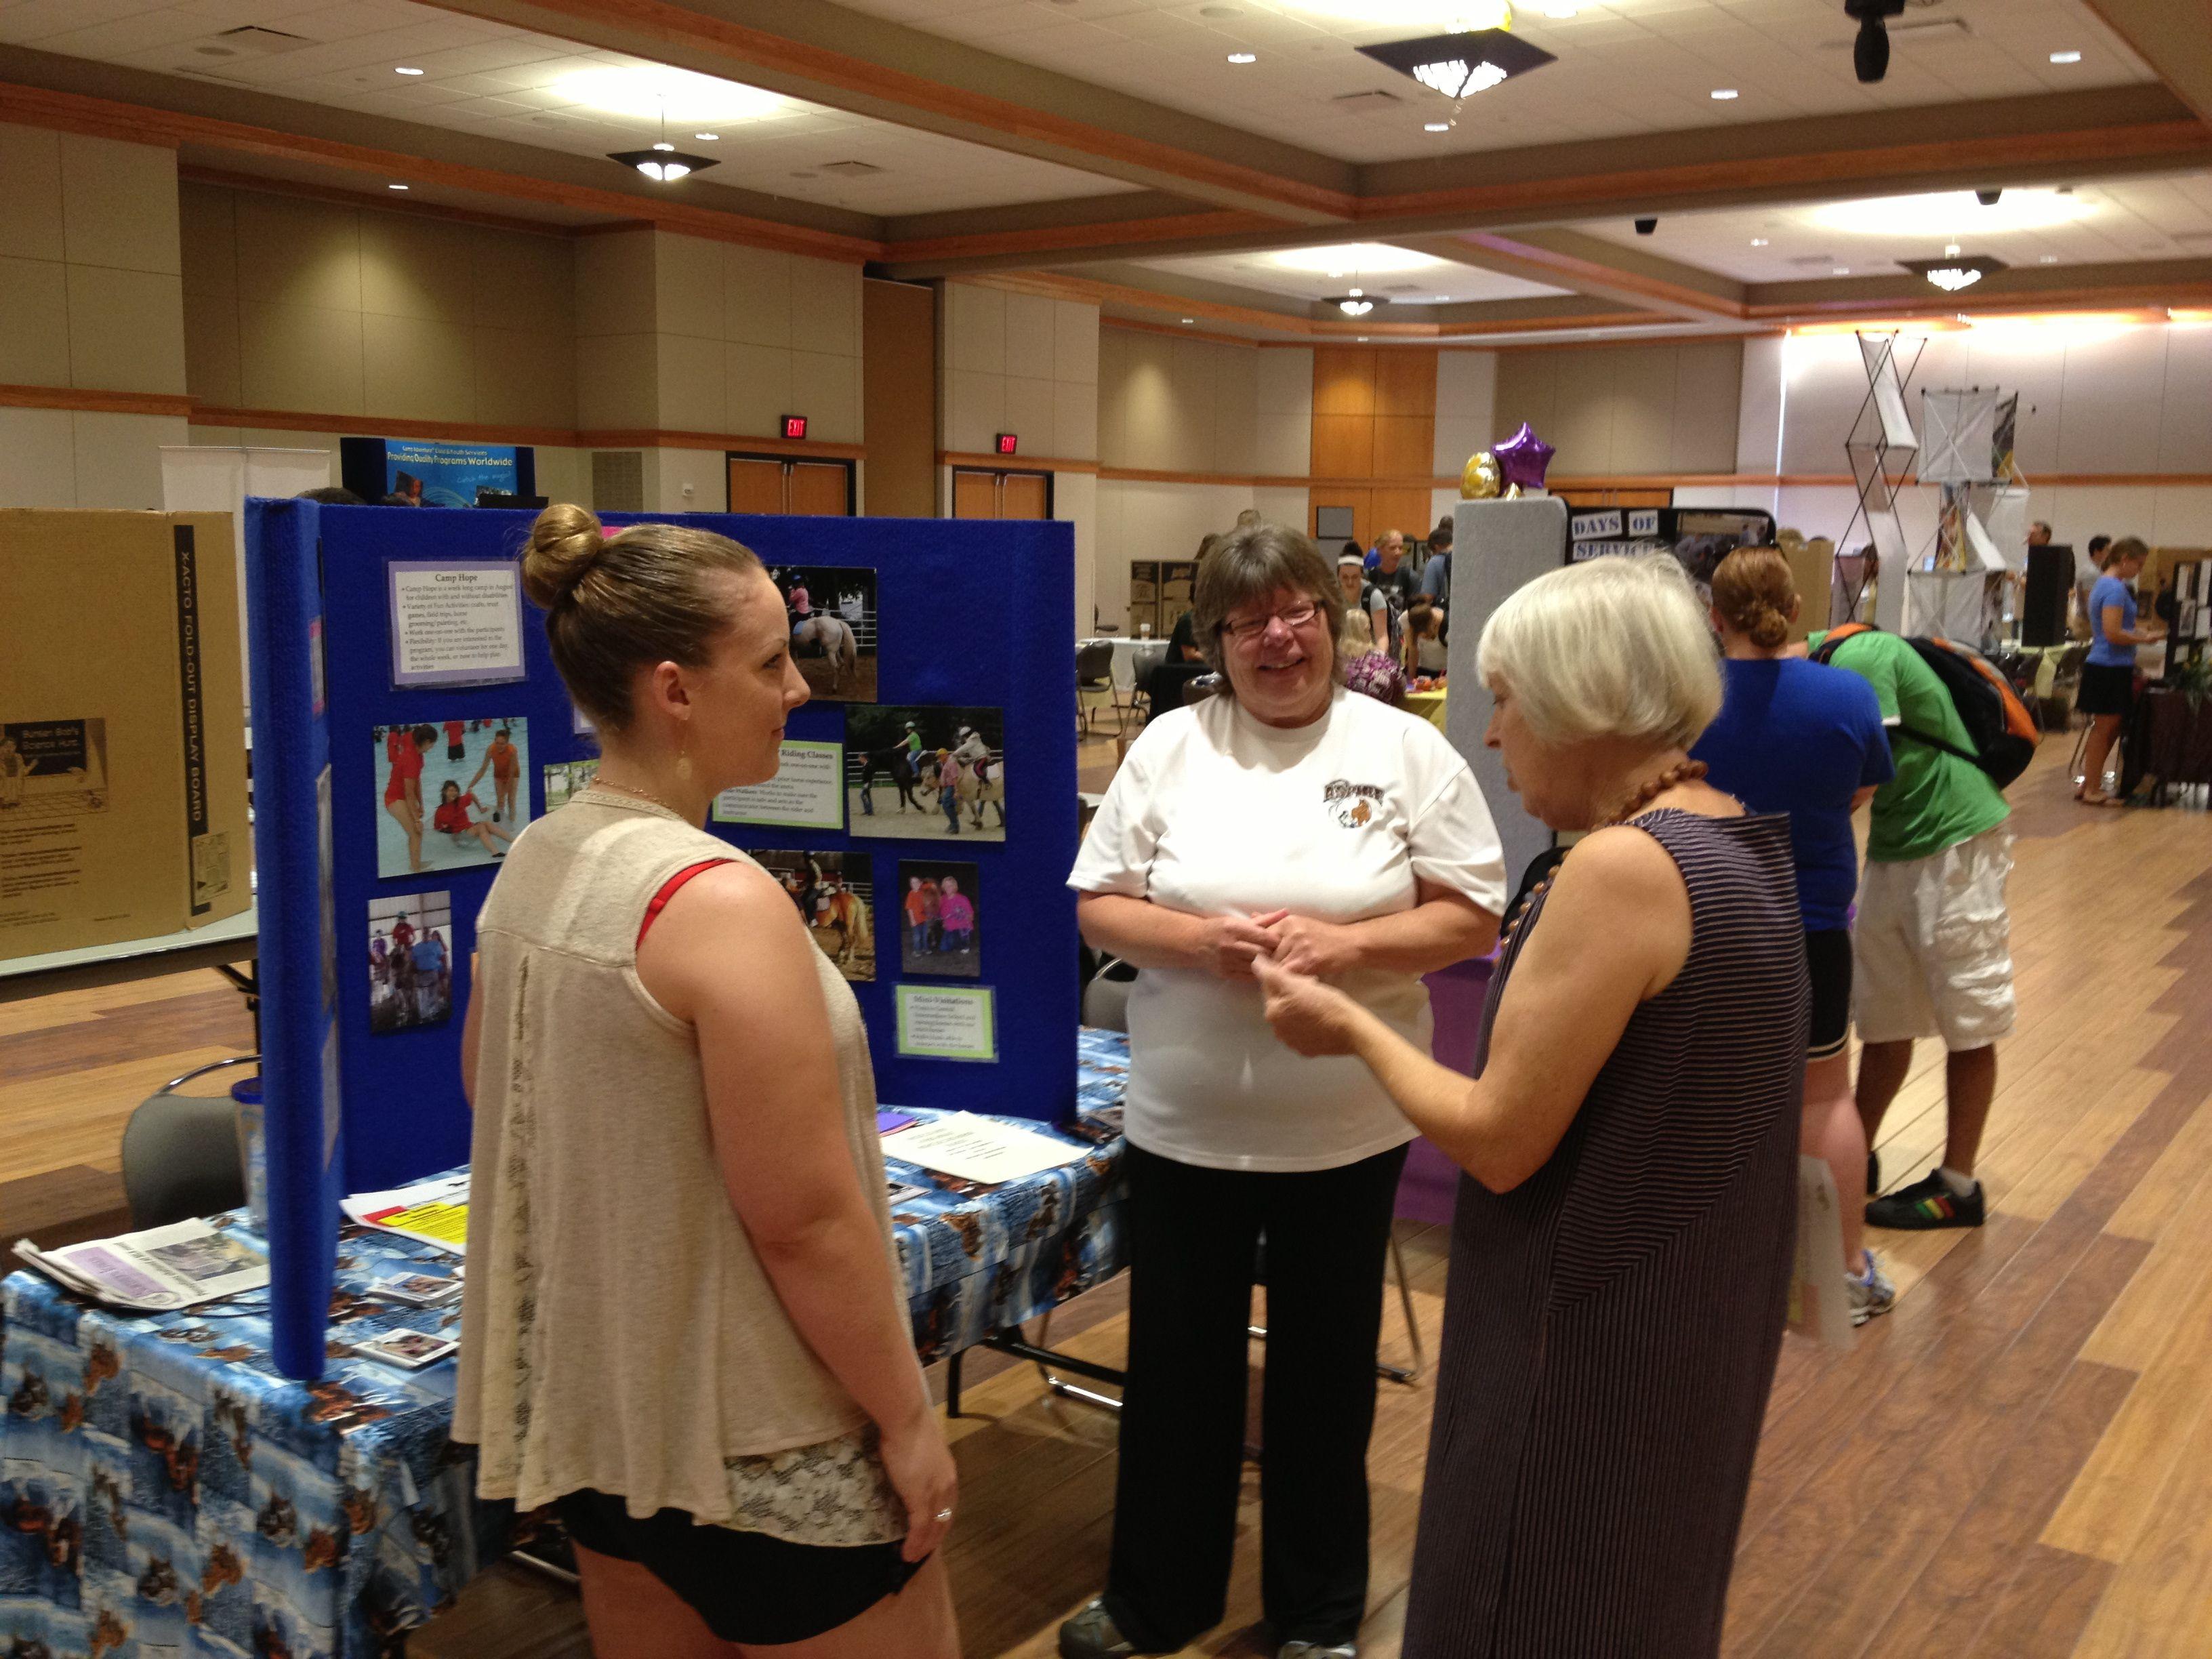 Pin on volunteer fairs